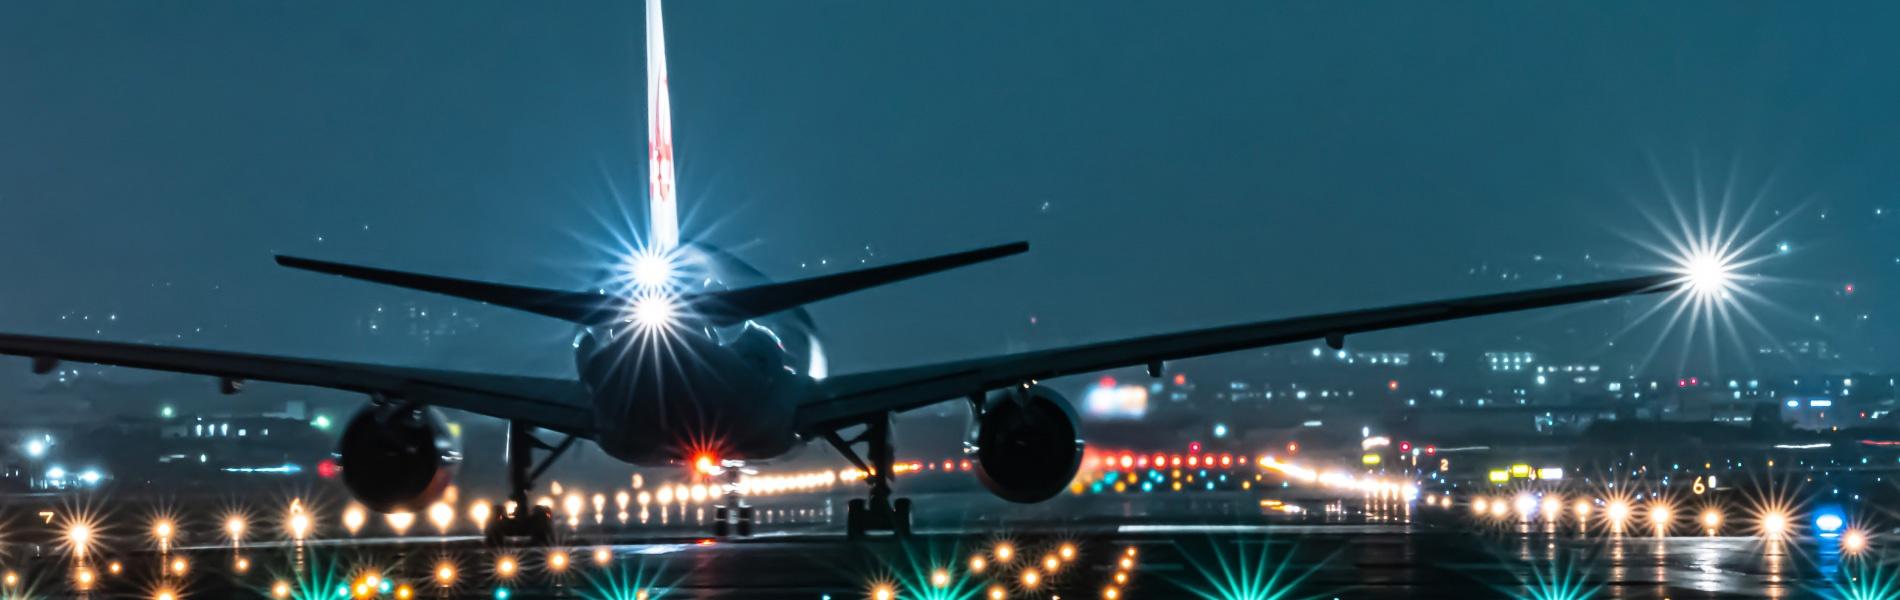 台湾ヤマトの航空輸送